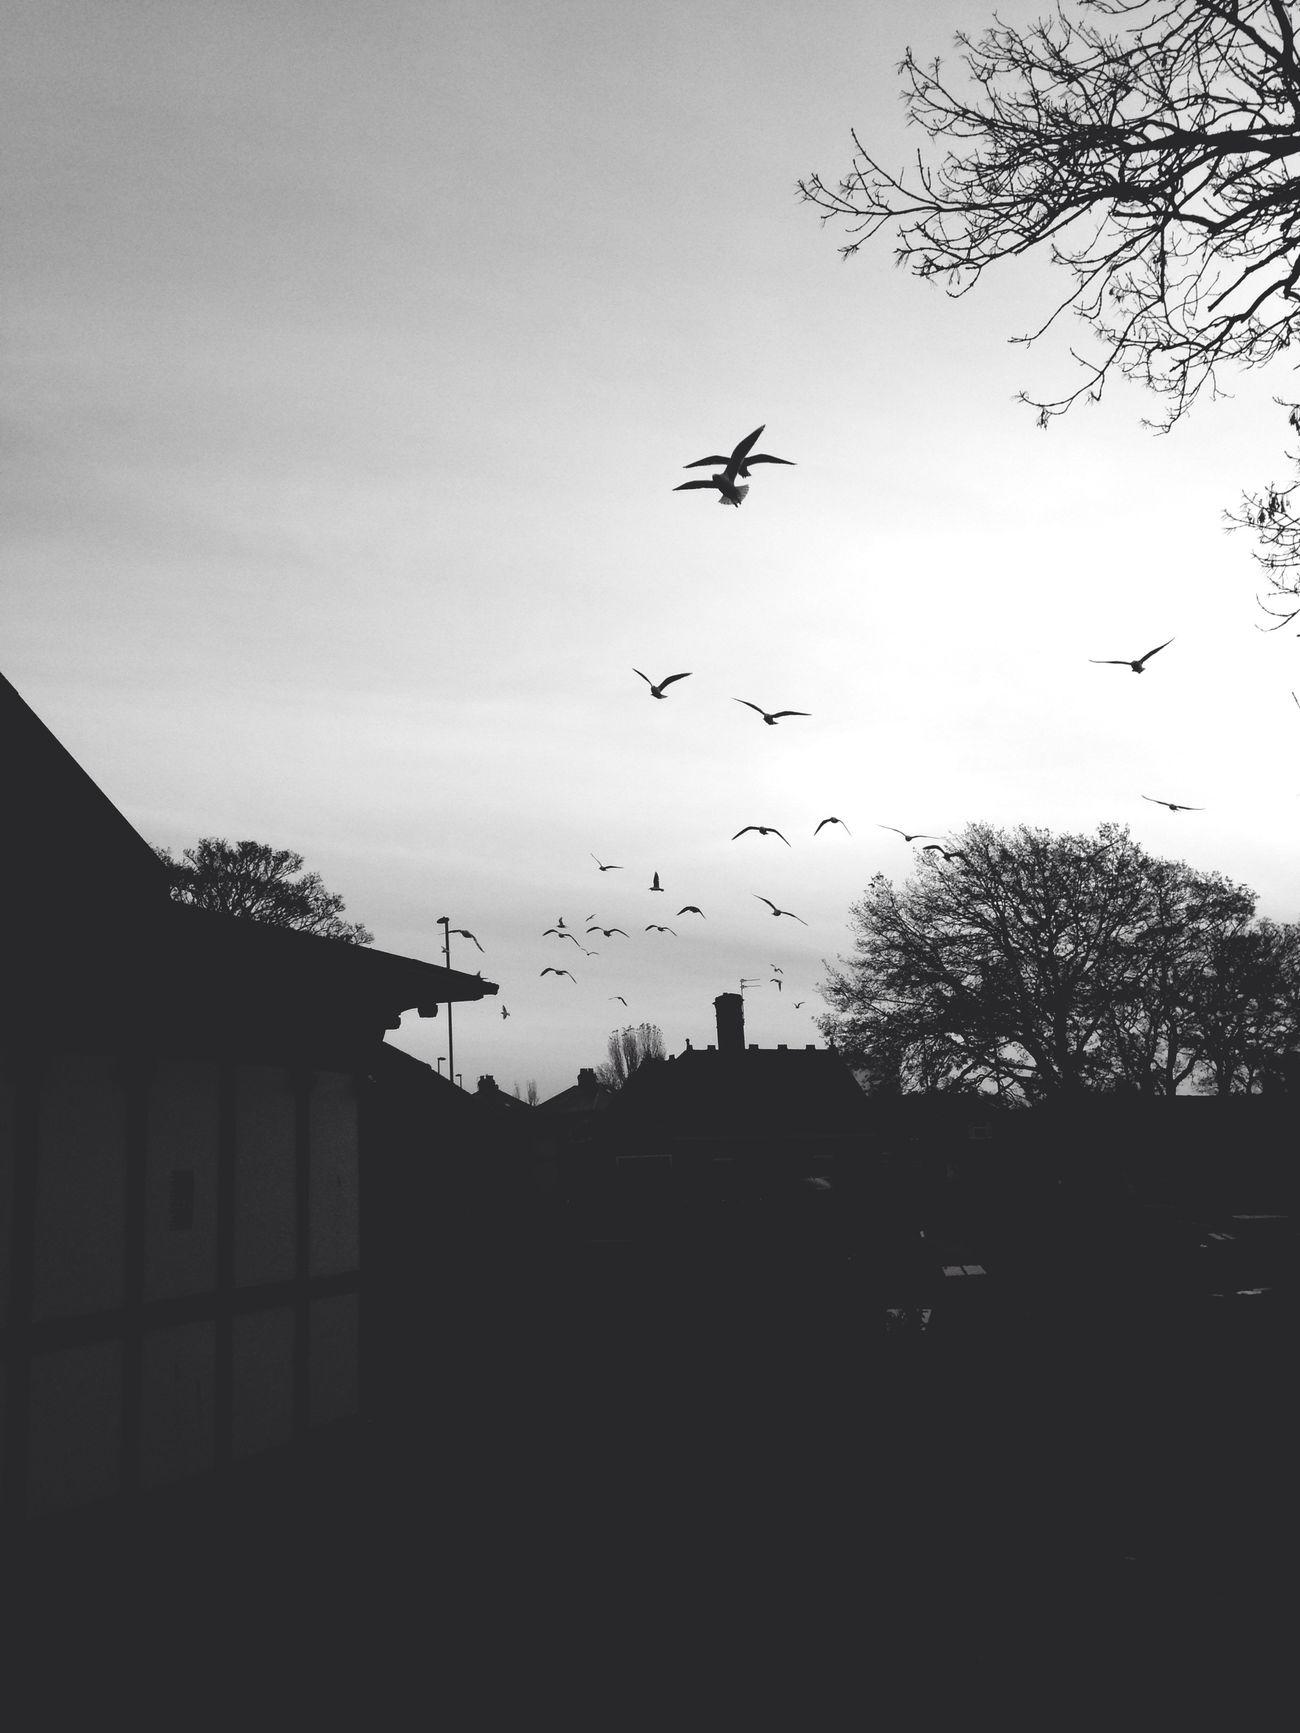 Birds Blackandwhite Fortheloveofblackandwhite Scenery